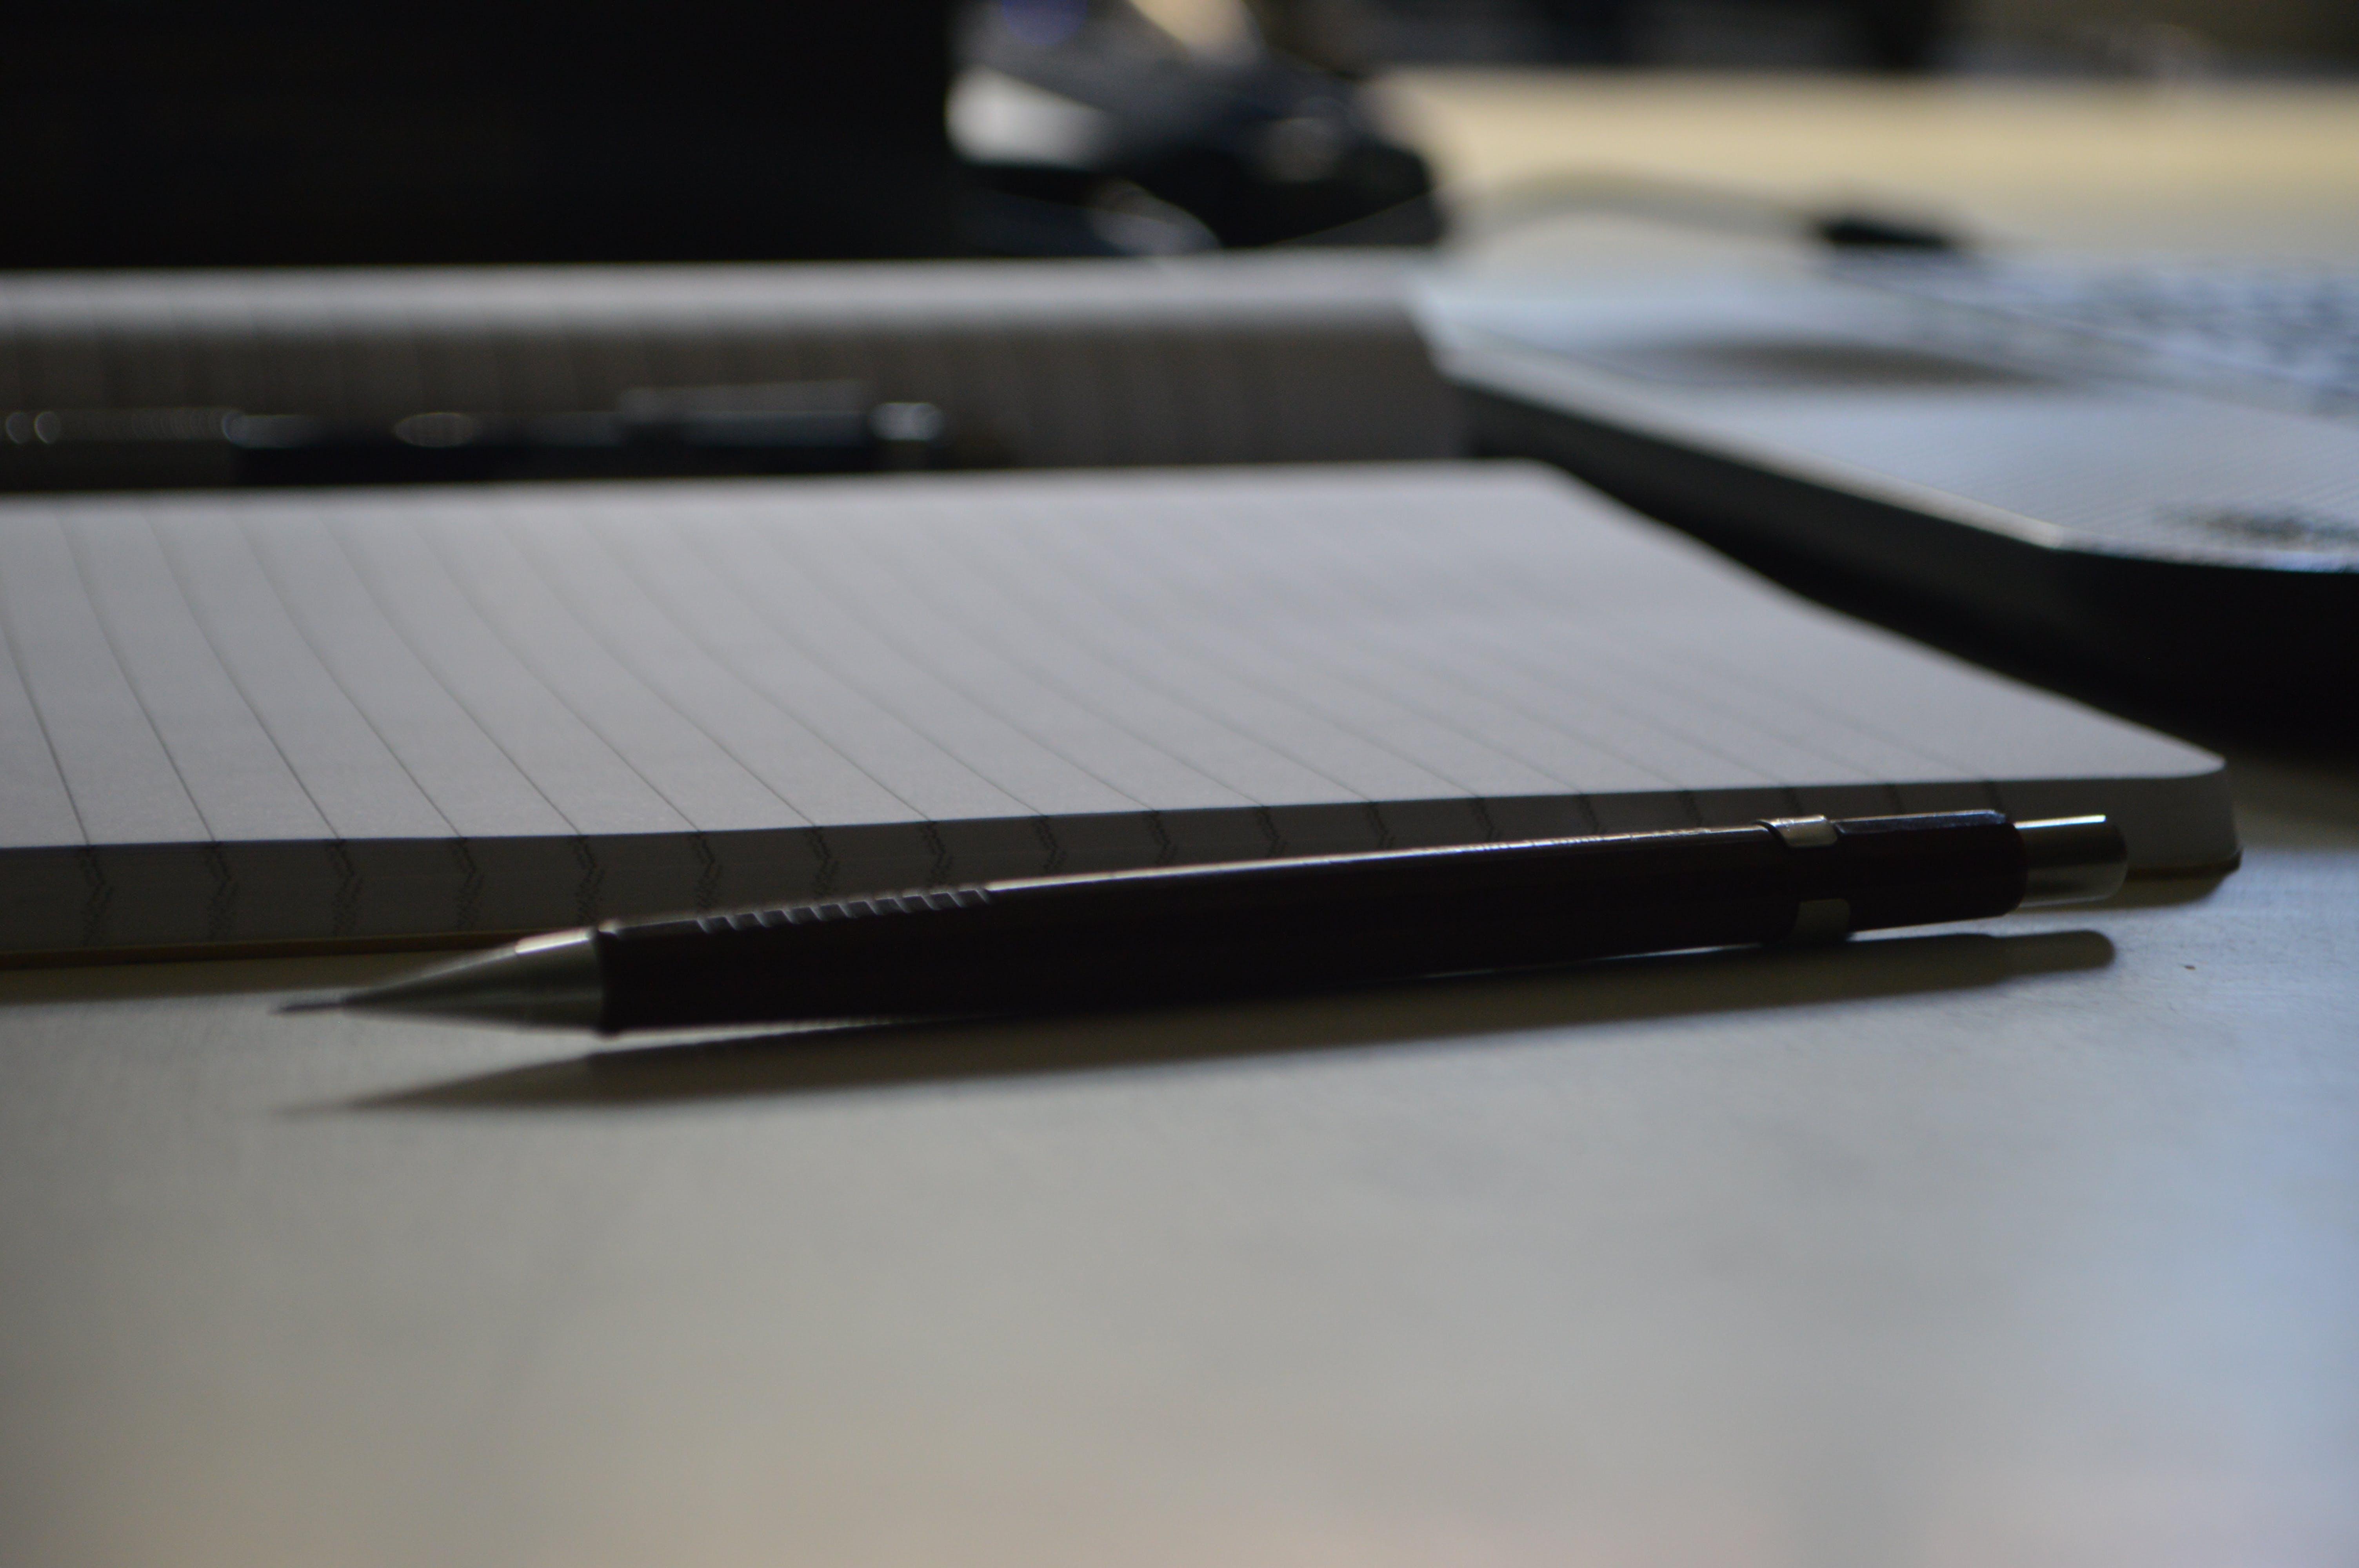 Black Point Pen Beside Ruled Paper